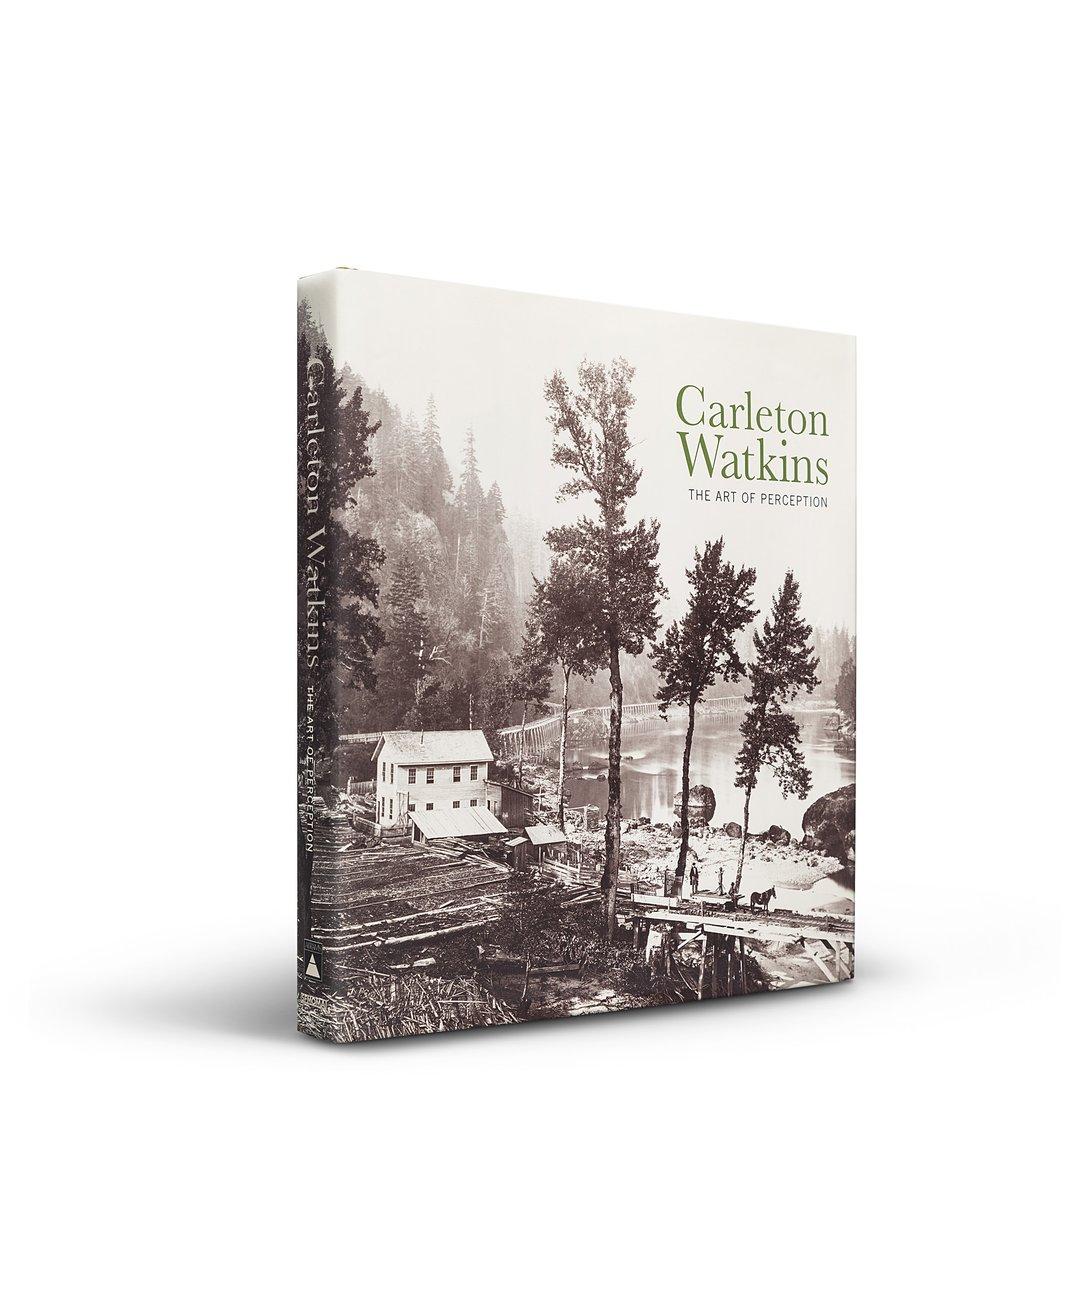 Carleton Watkins cover